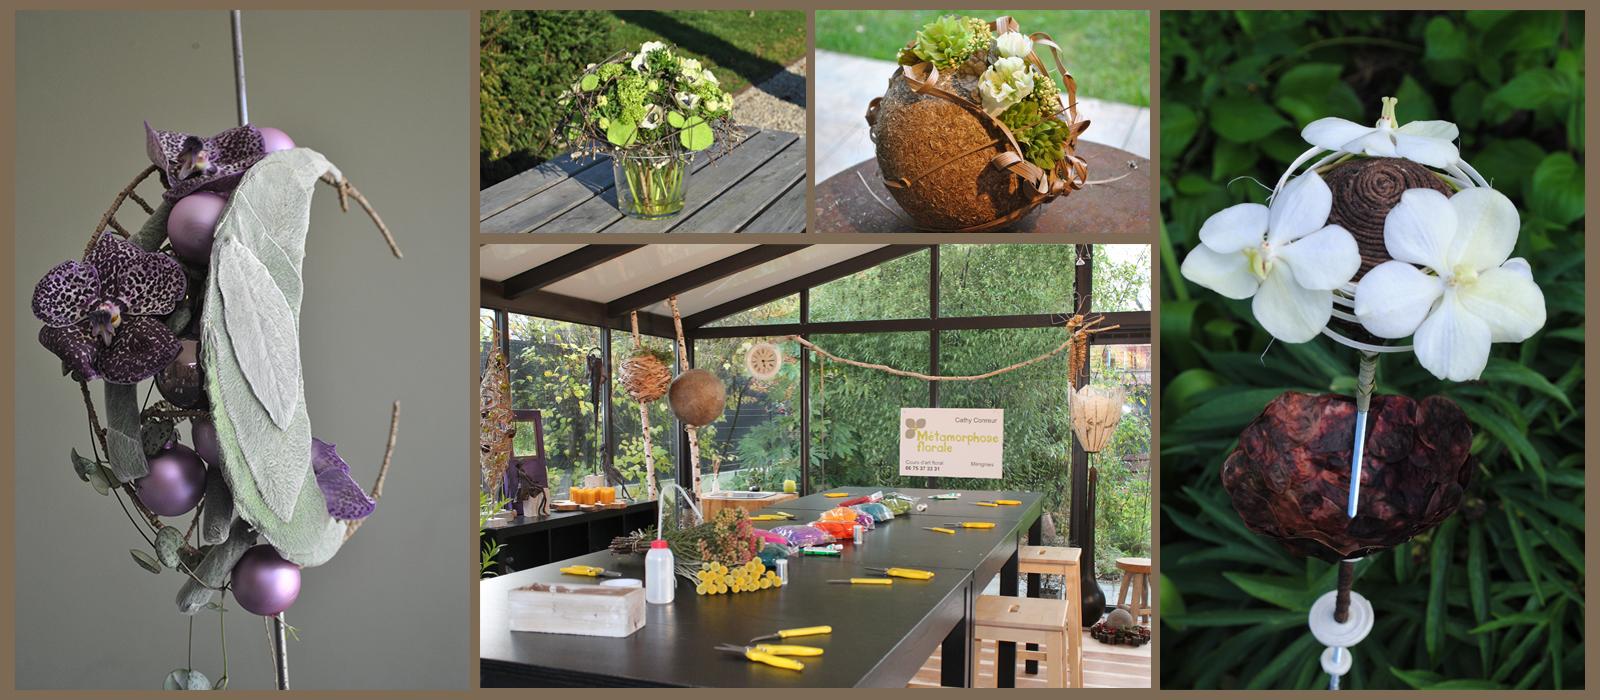 Métamorphose Florale - Atelier d'art floral à Mérignies